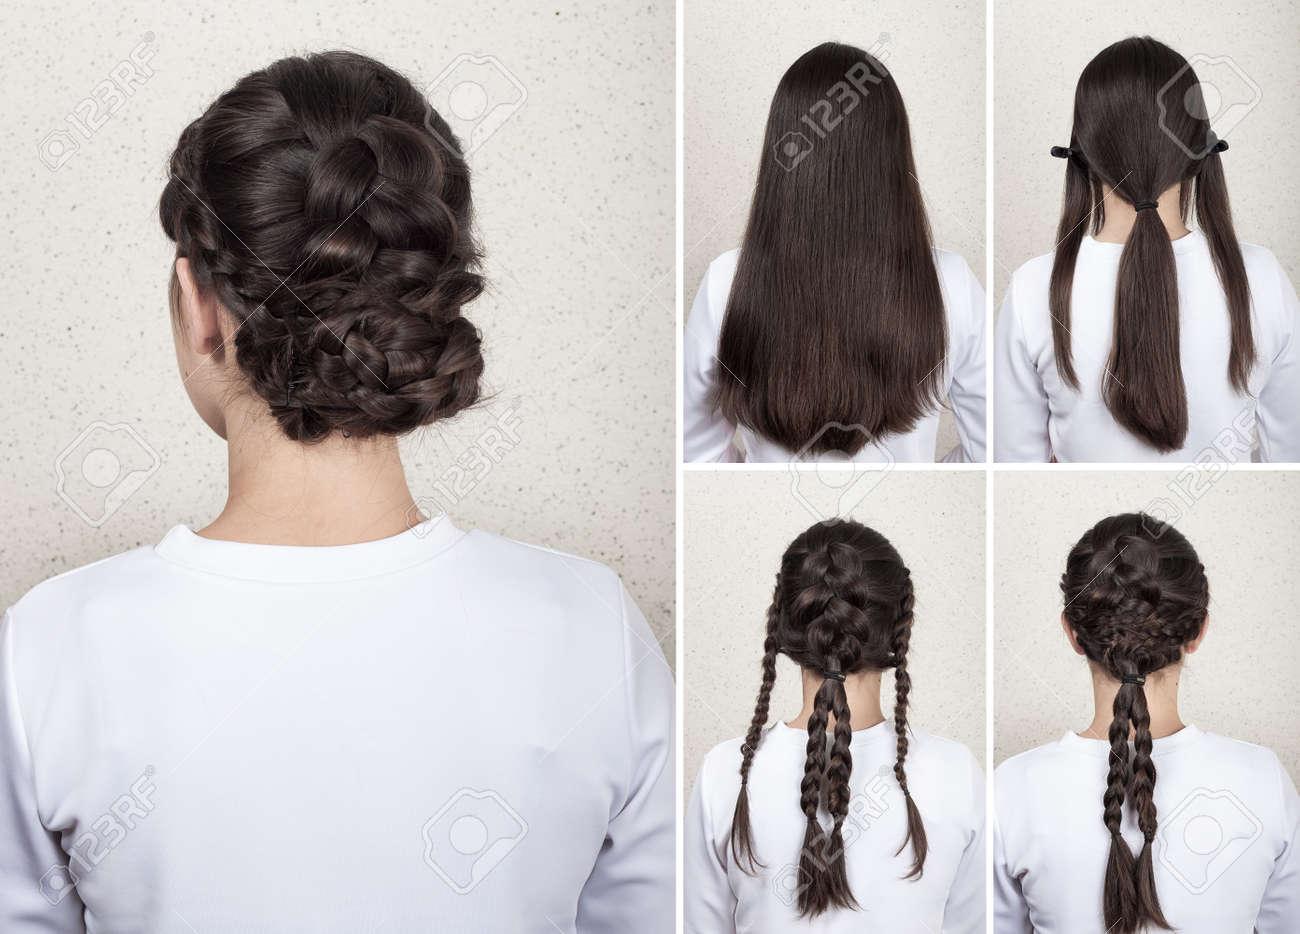 Kreativ geflochtene Frisur für lange Haare Tutorial